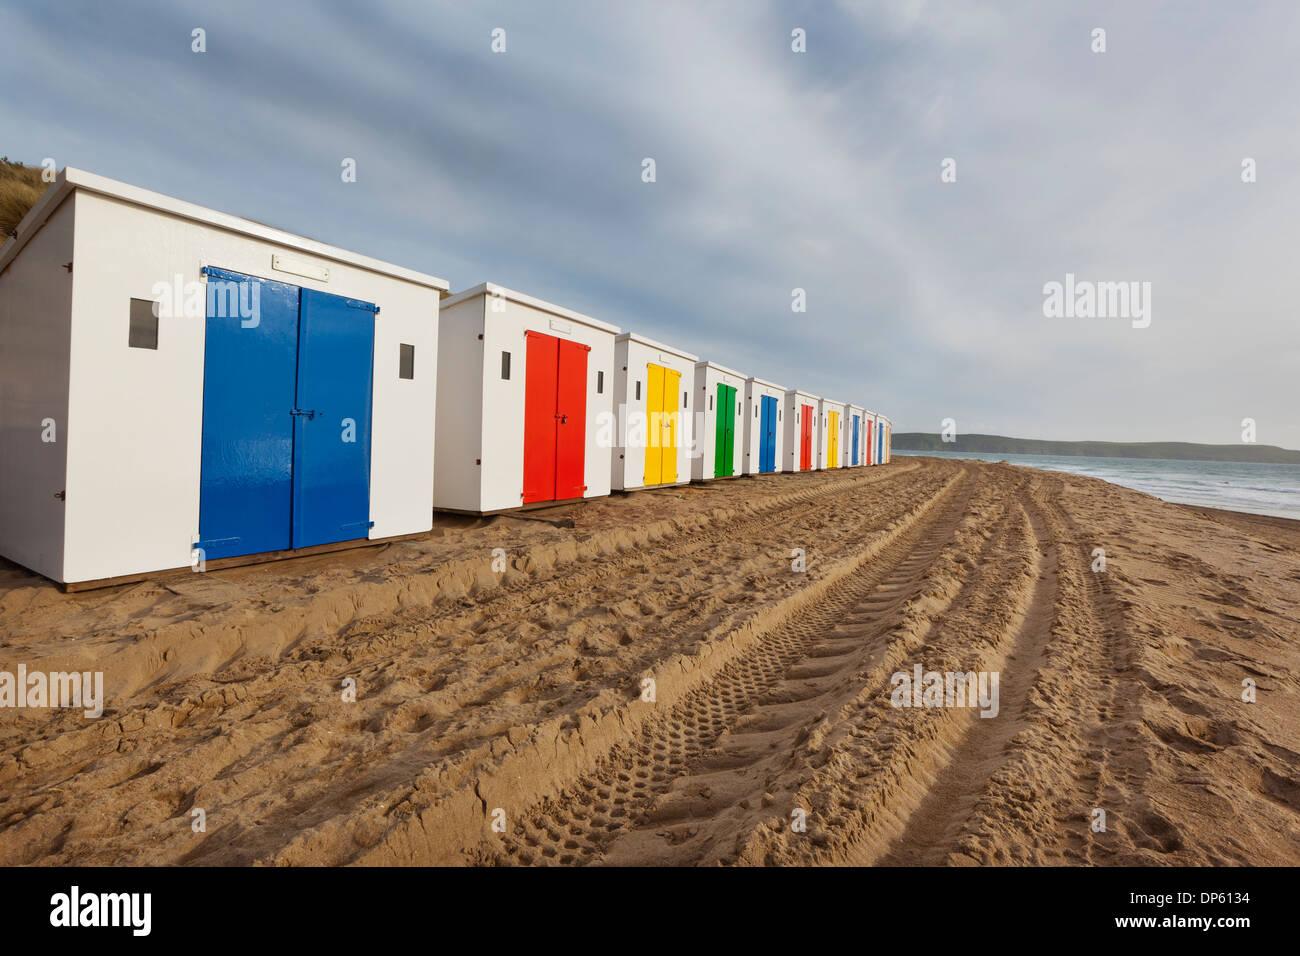 Cabines de plage dans une rangée sur les sables bitumineux à Woolacombe dans le Nord du Devon, Royaume-Uni. Photo Stock